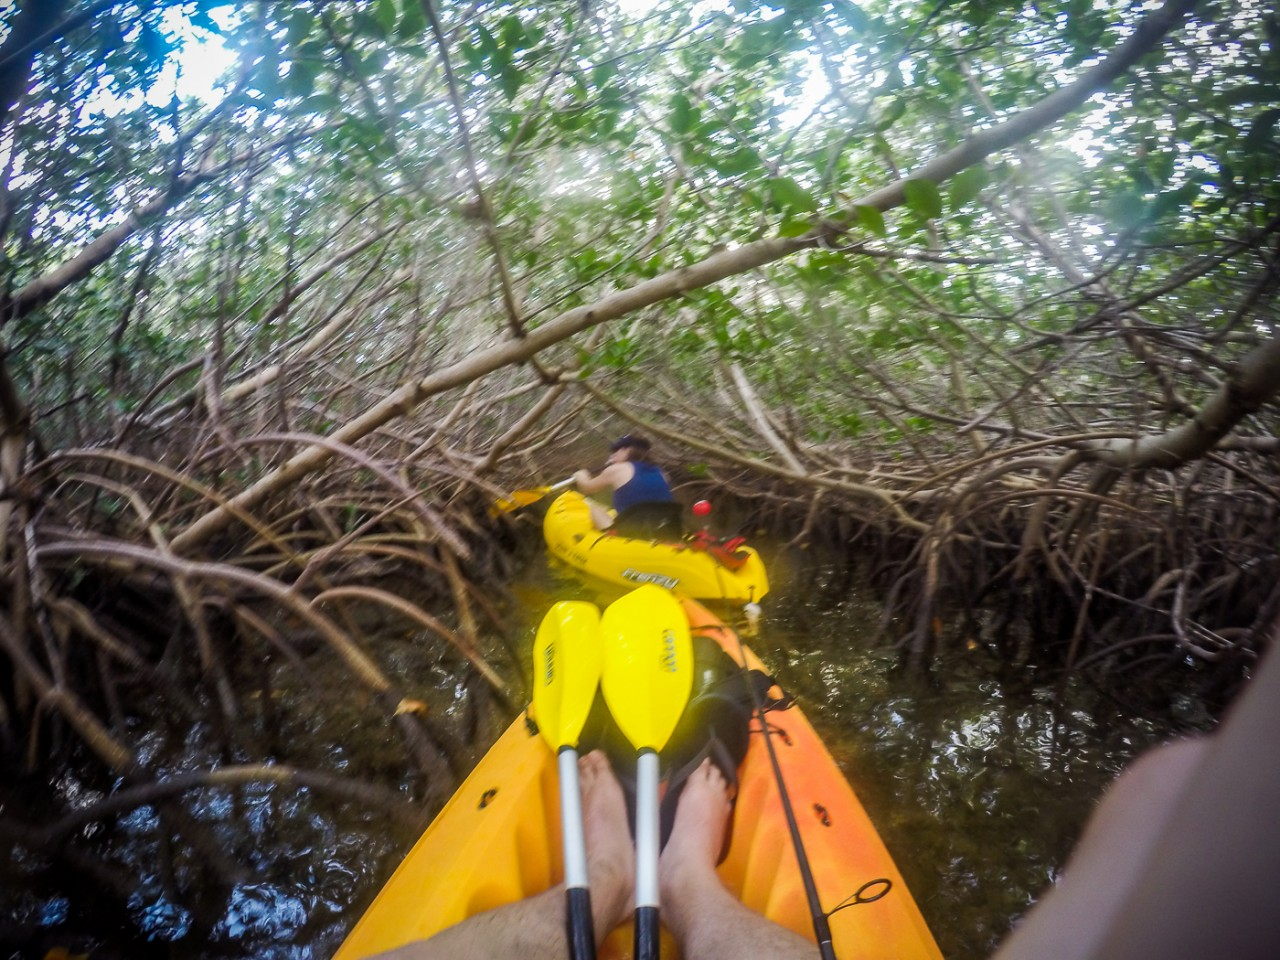 20151229-0592-kayak_24156750606_o